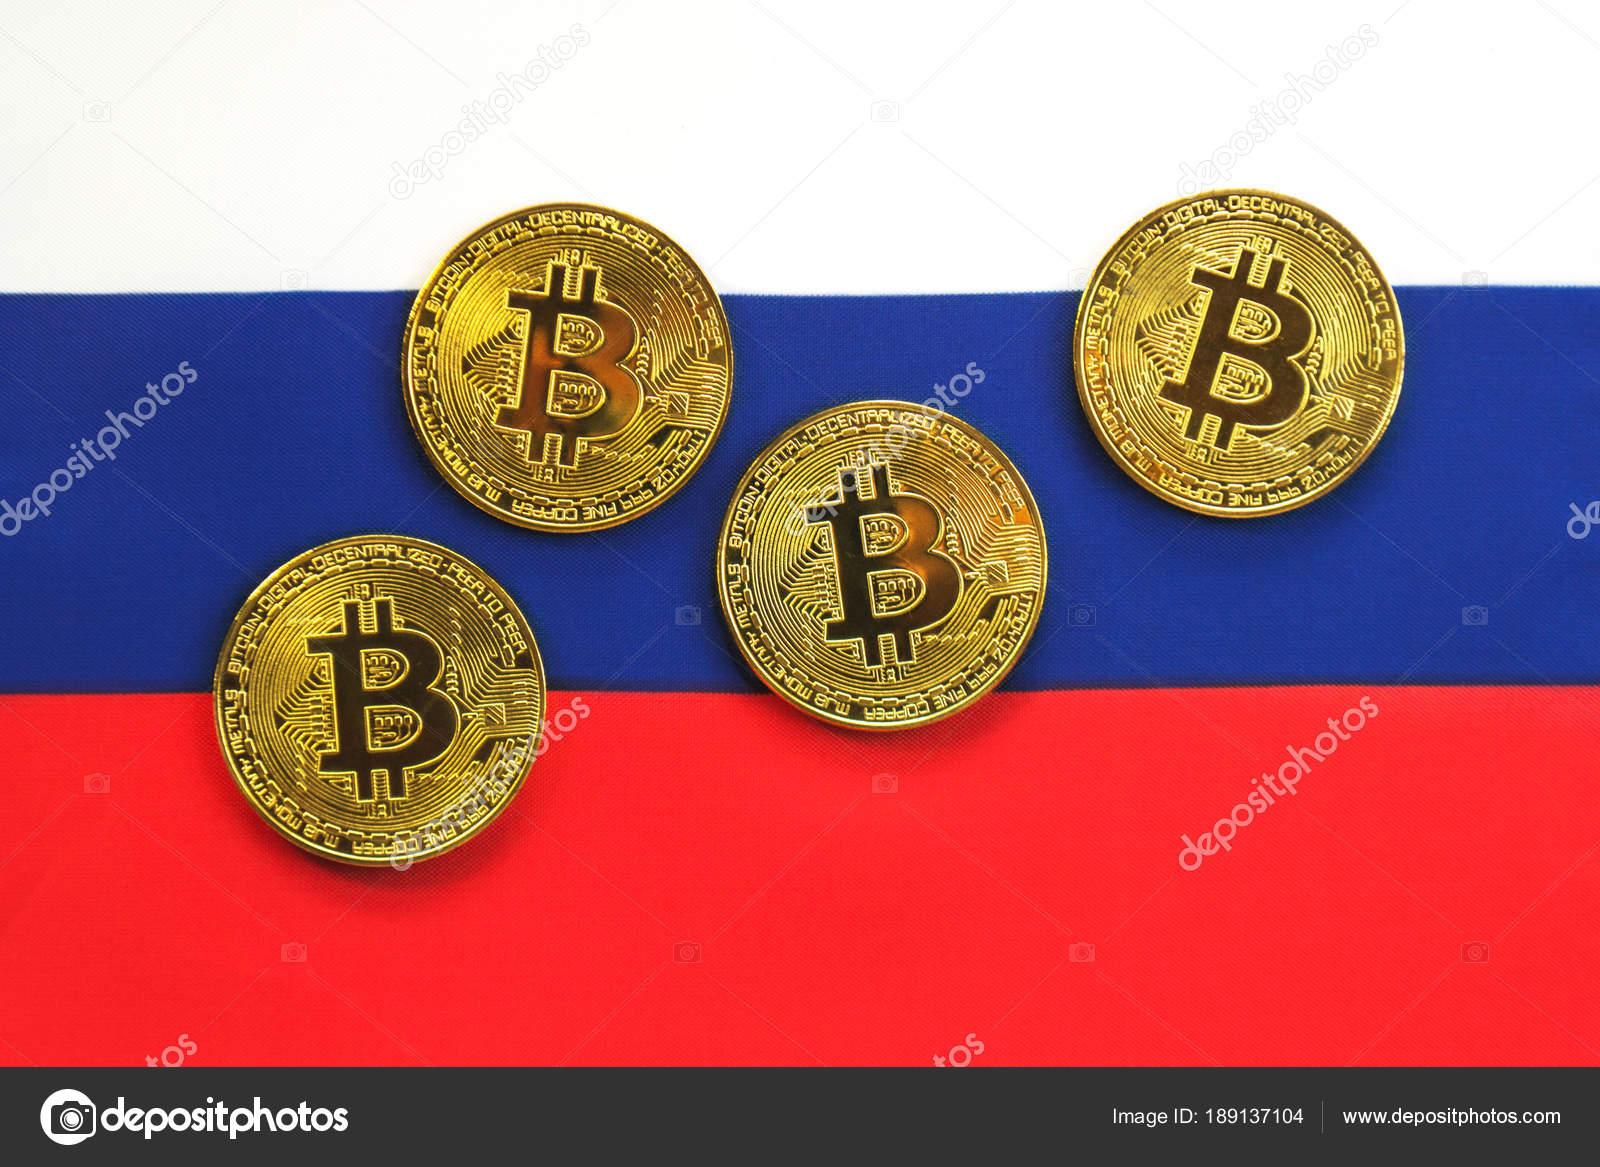 Bitcoin ouro cor bandeira rssia cryptocurrency fundo bandeira russa bitcoin ouro cor bandeira rssia cryptocurrency fundo bandeira russa fotografia de stock ccuart Choice Image